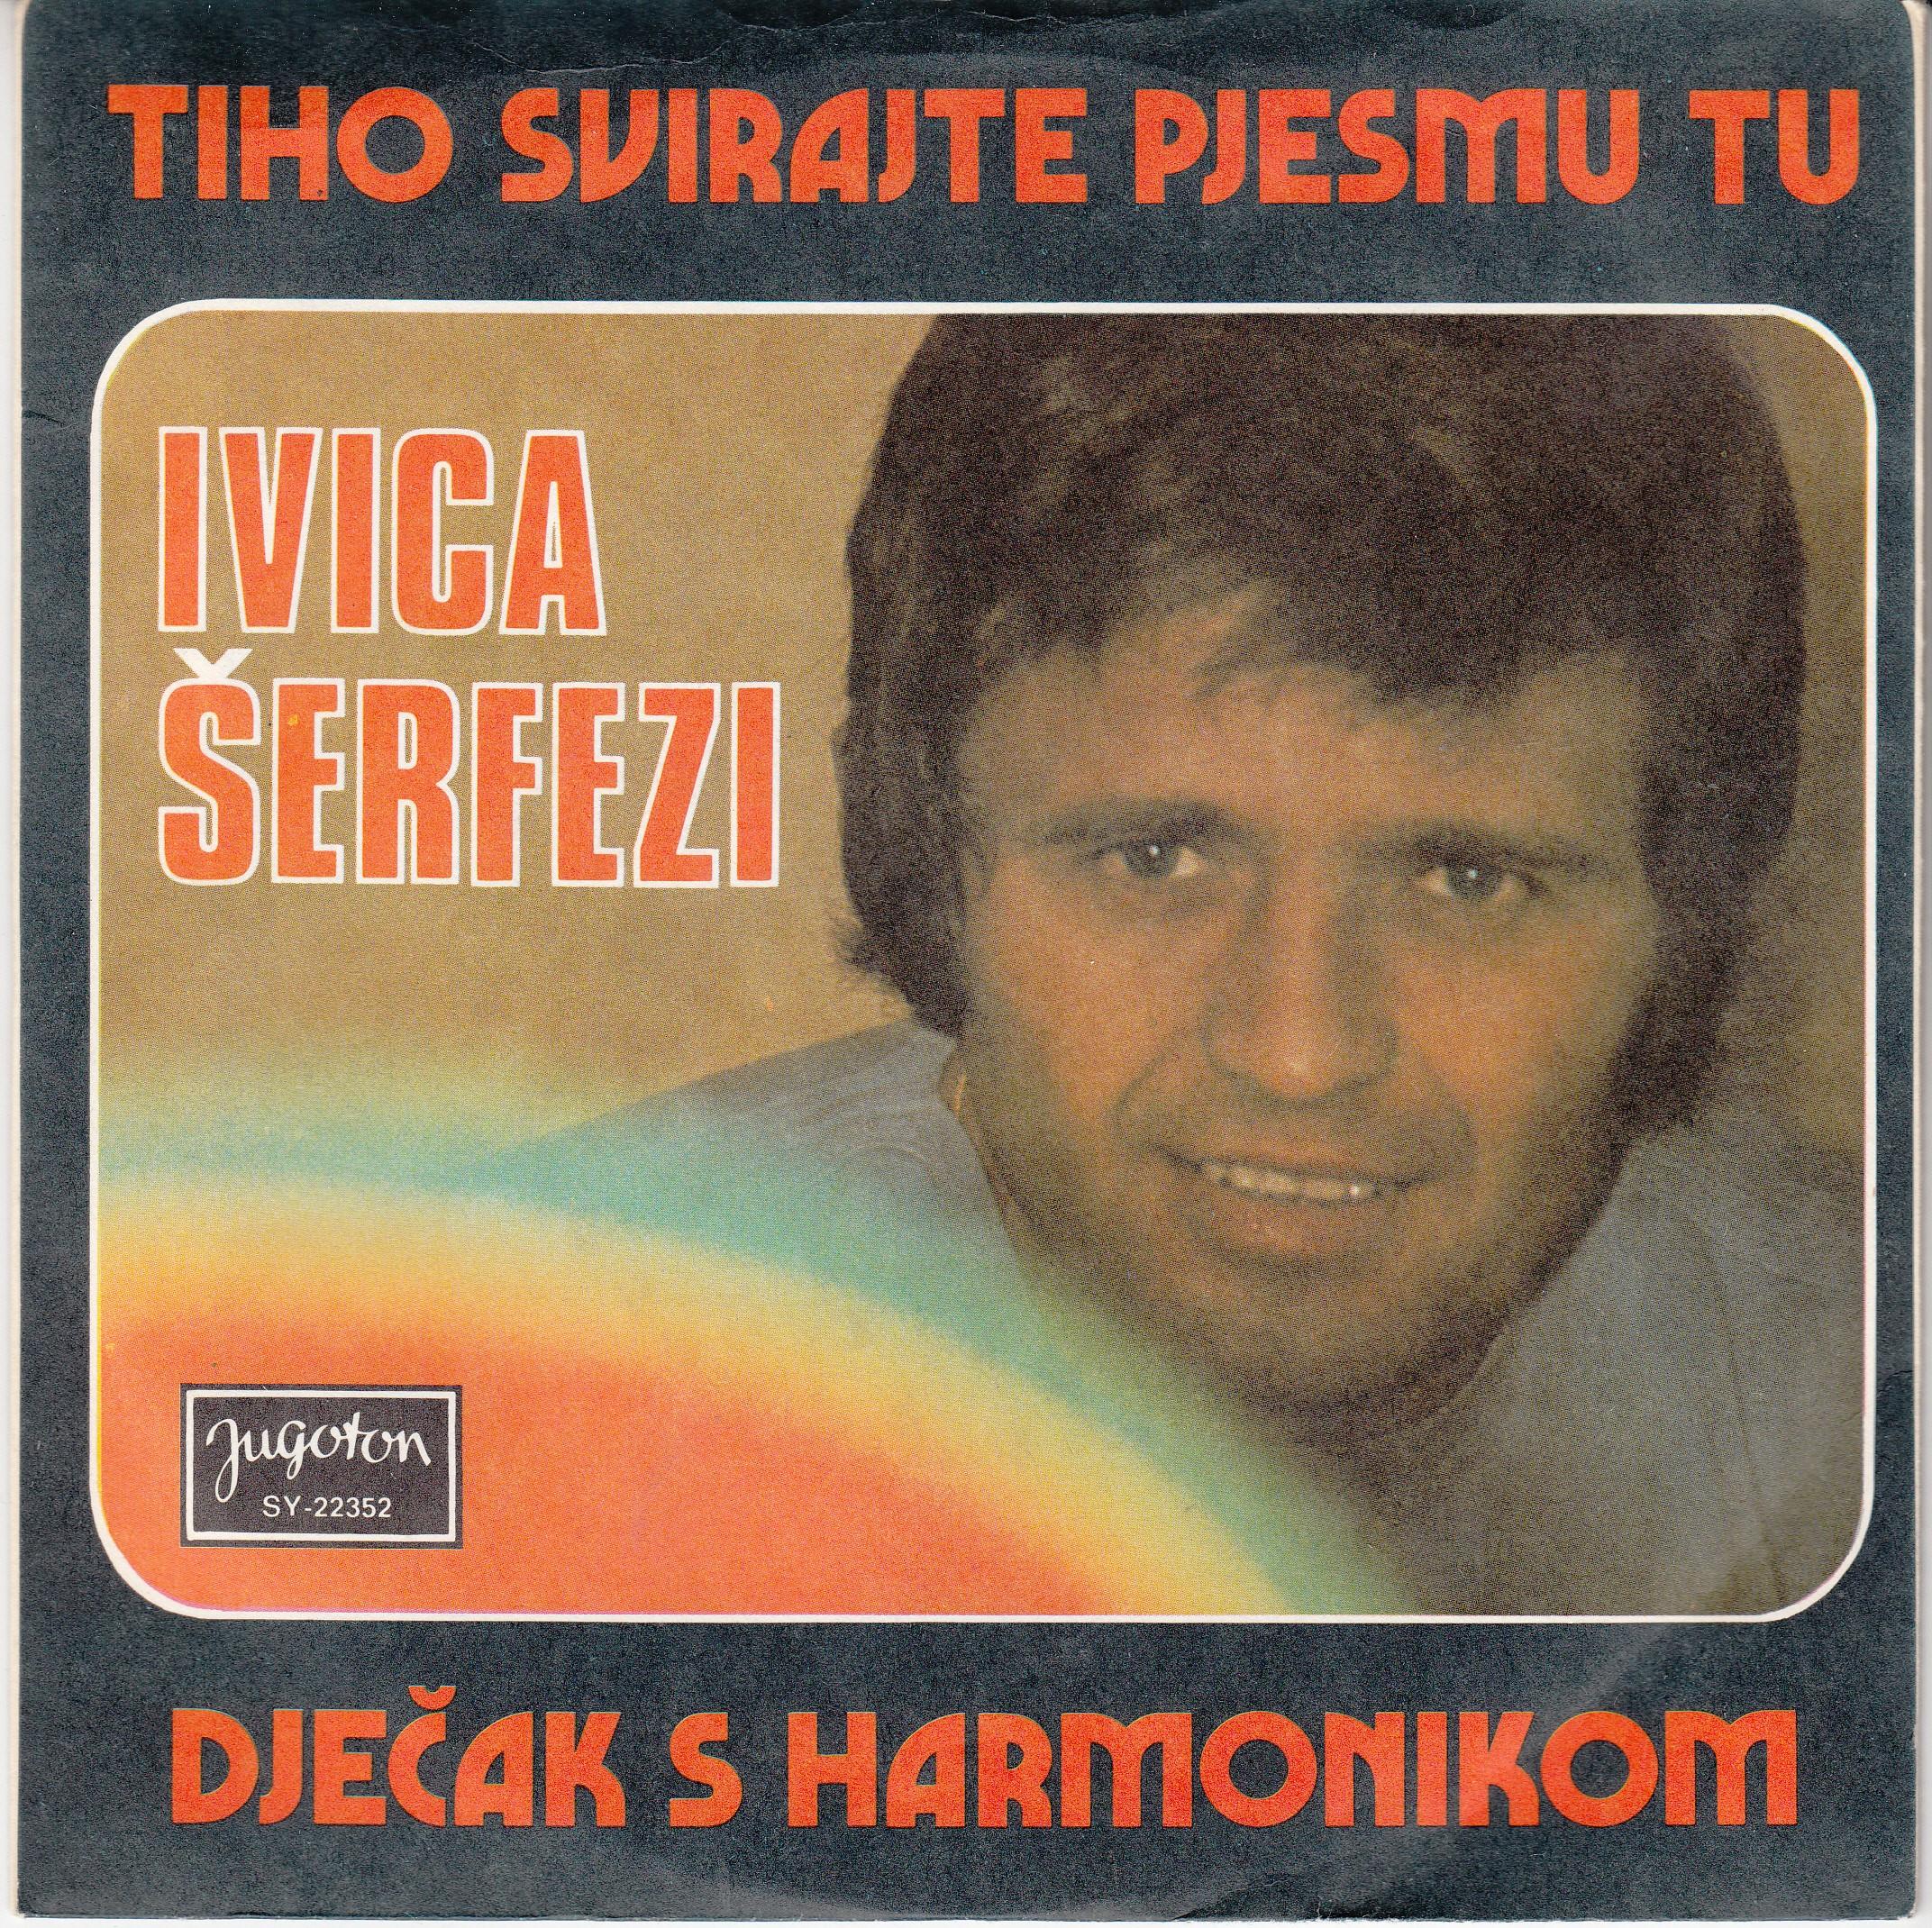 Serfezi Ivica - Tiho Svirajte Pjesmu Tu/djecak S Harmonikom